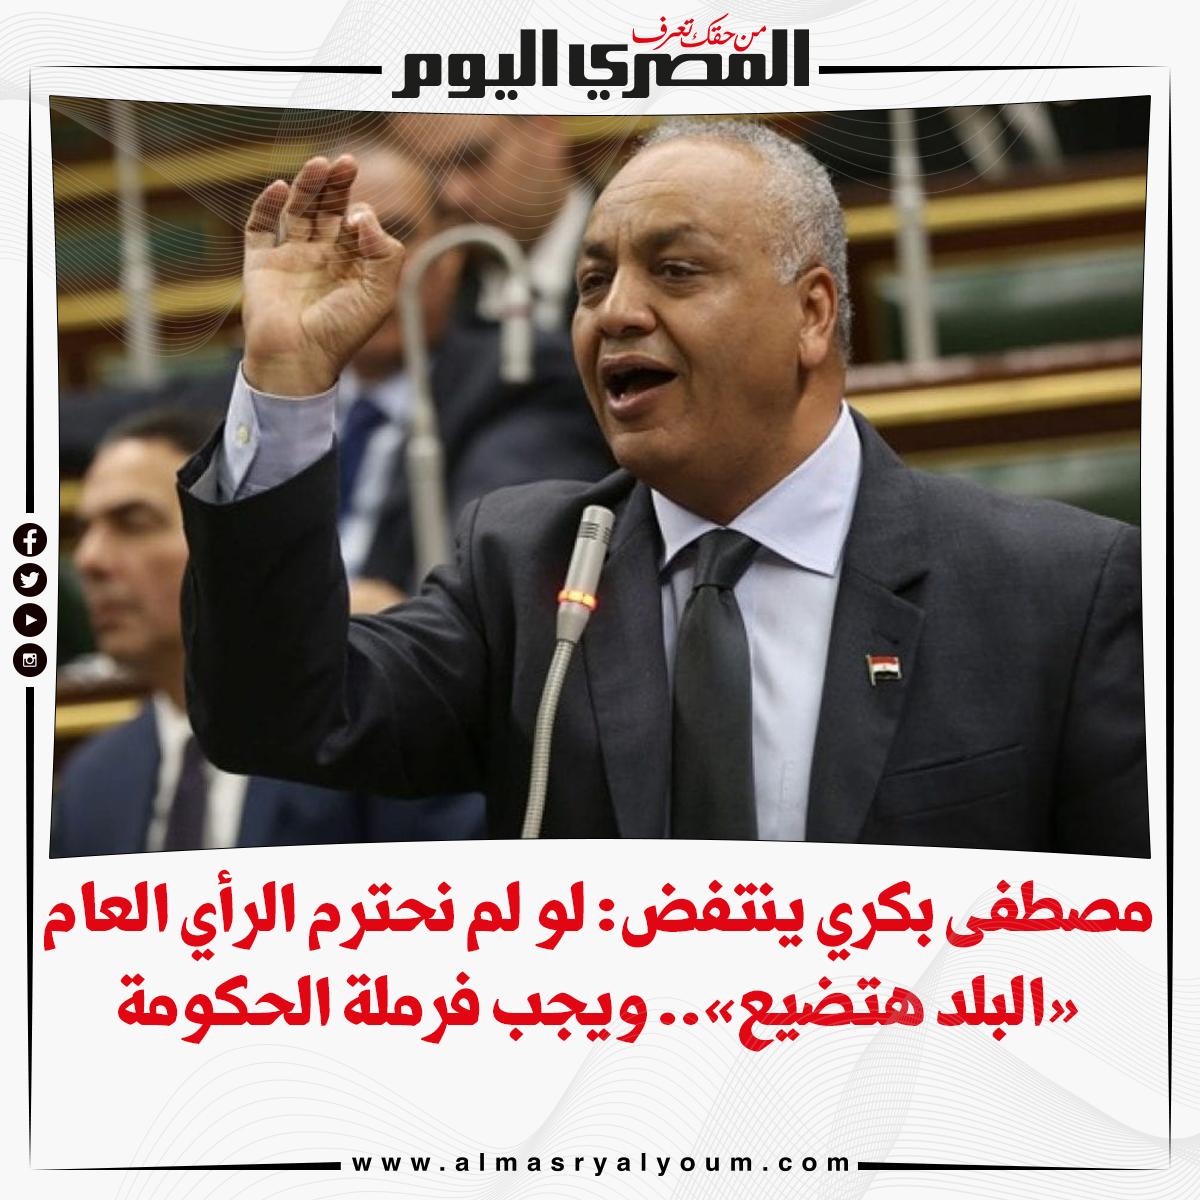 مصطفى بكري ينتفض لو لم نحترم الرأي العام «البلد هتضيع».. ويجب فرملة الحكومة التفاصيل